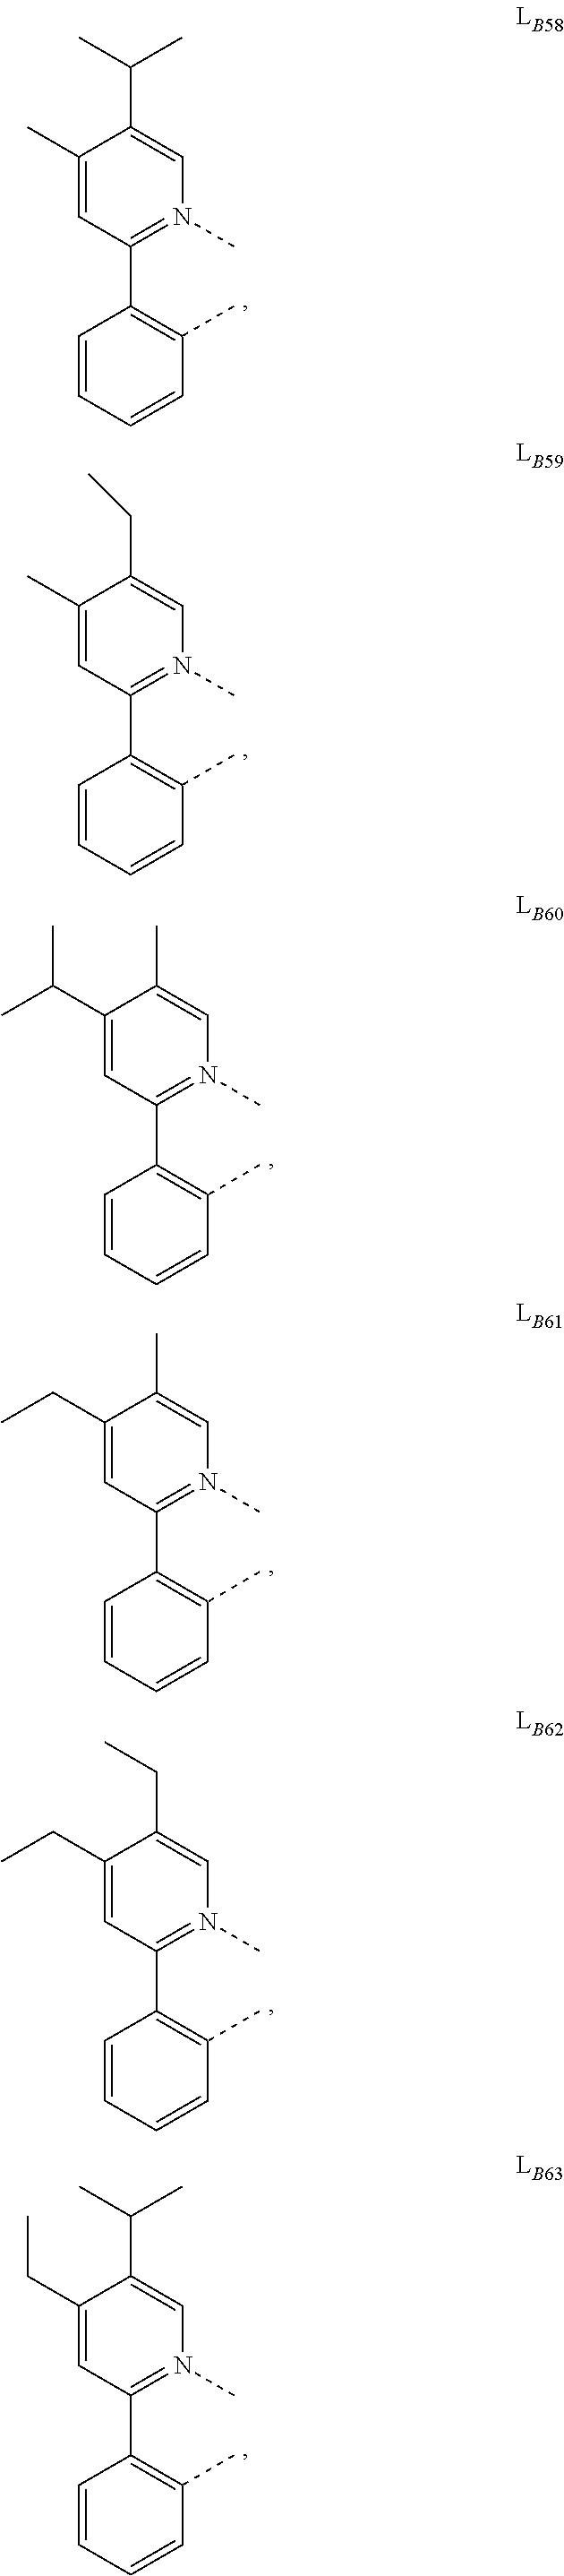 Figure US10003034-20180619-C00575